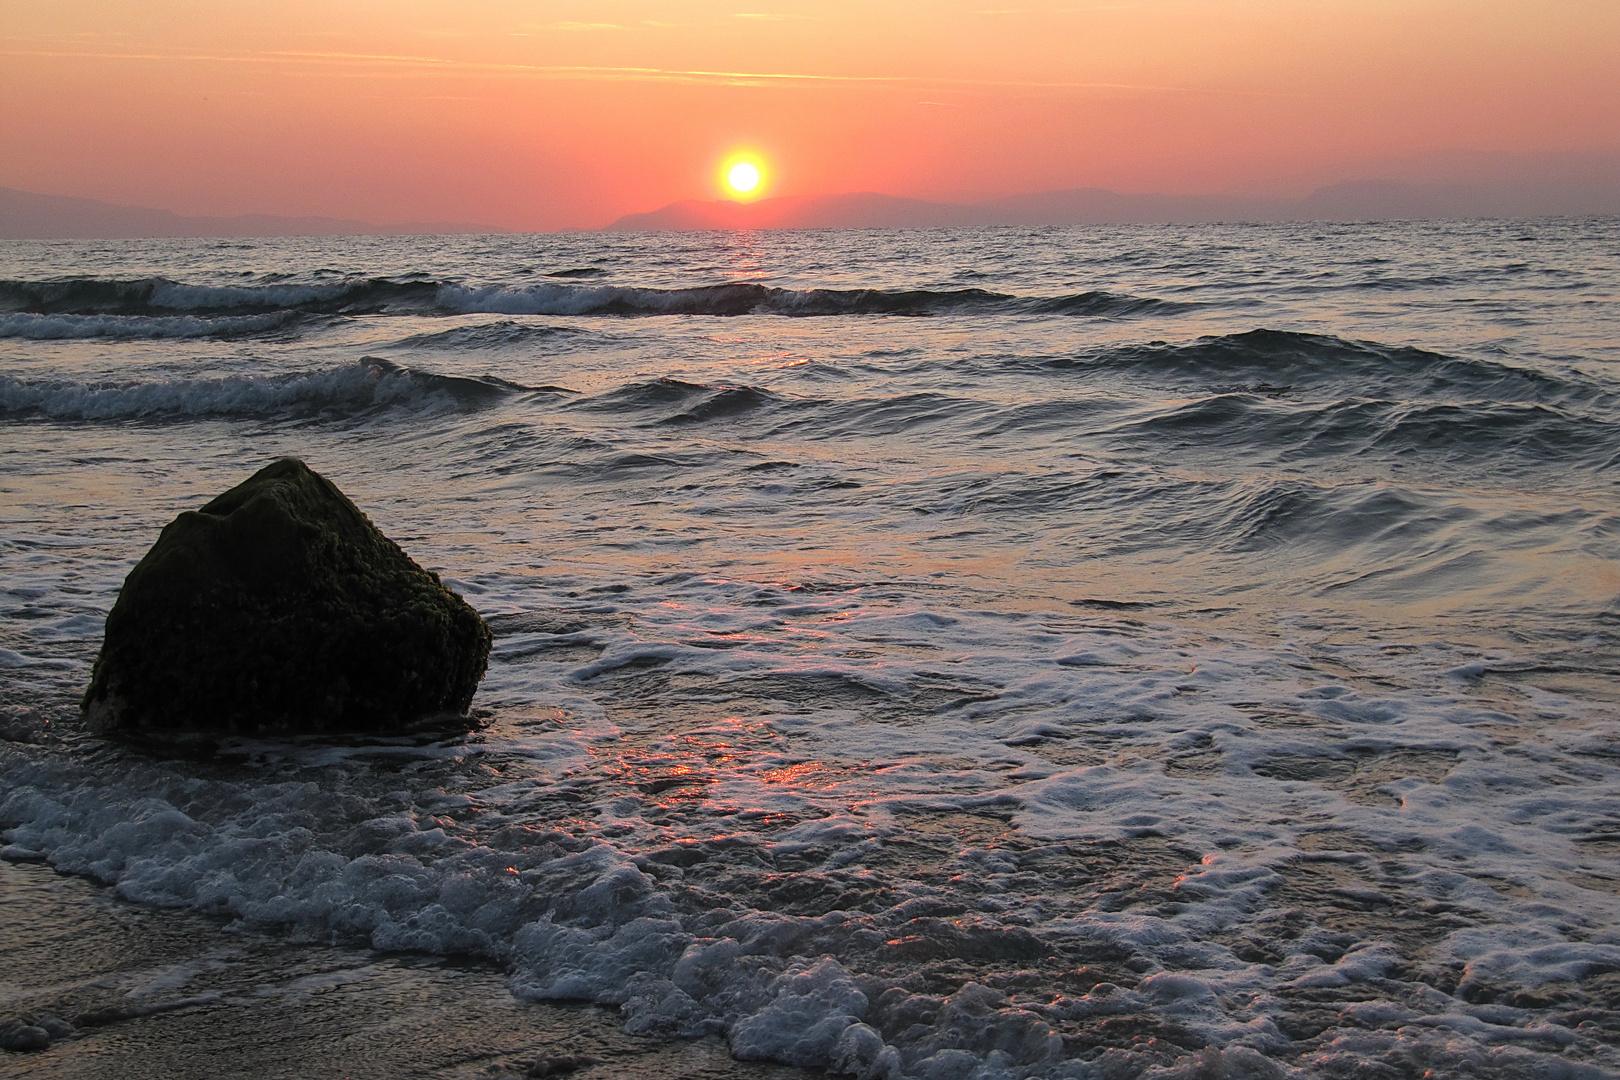 Sonnenuntergang an der Ägäis